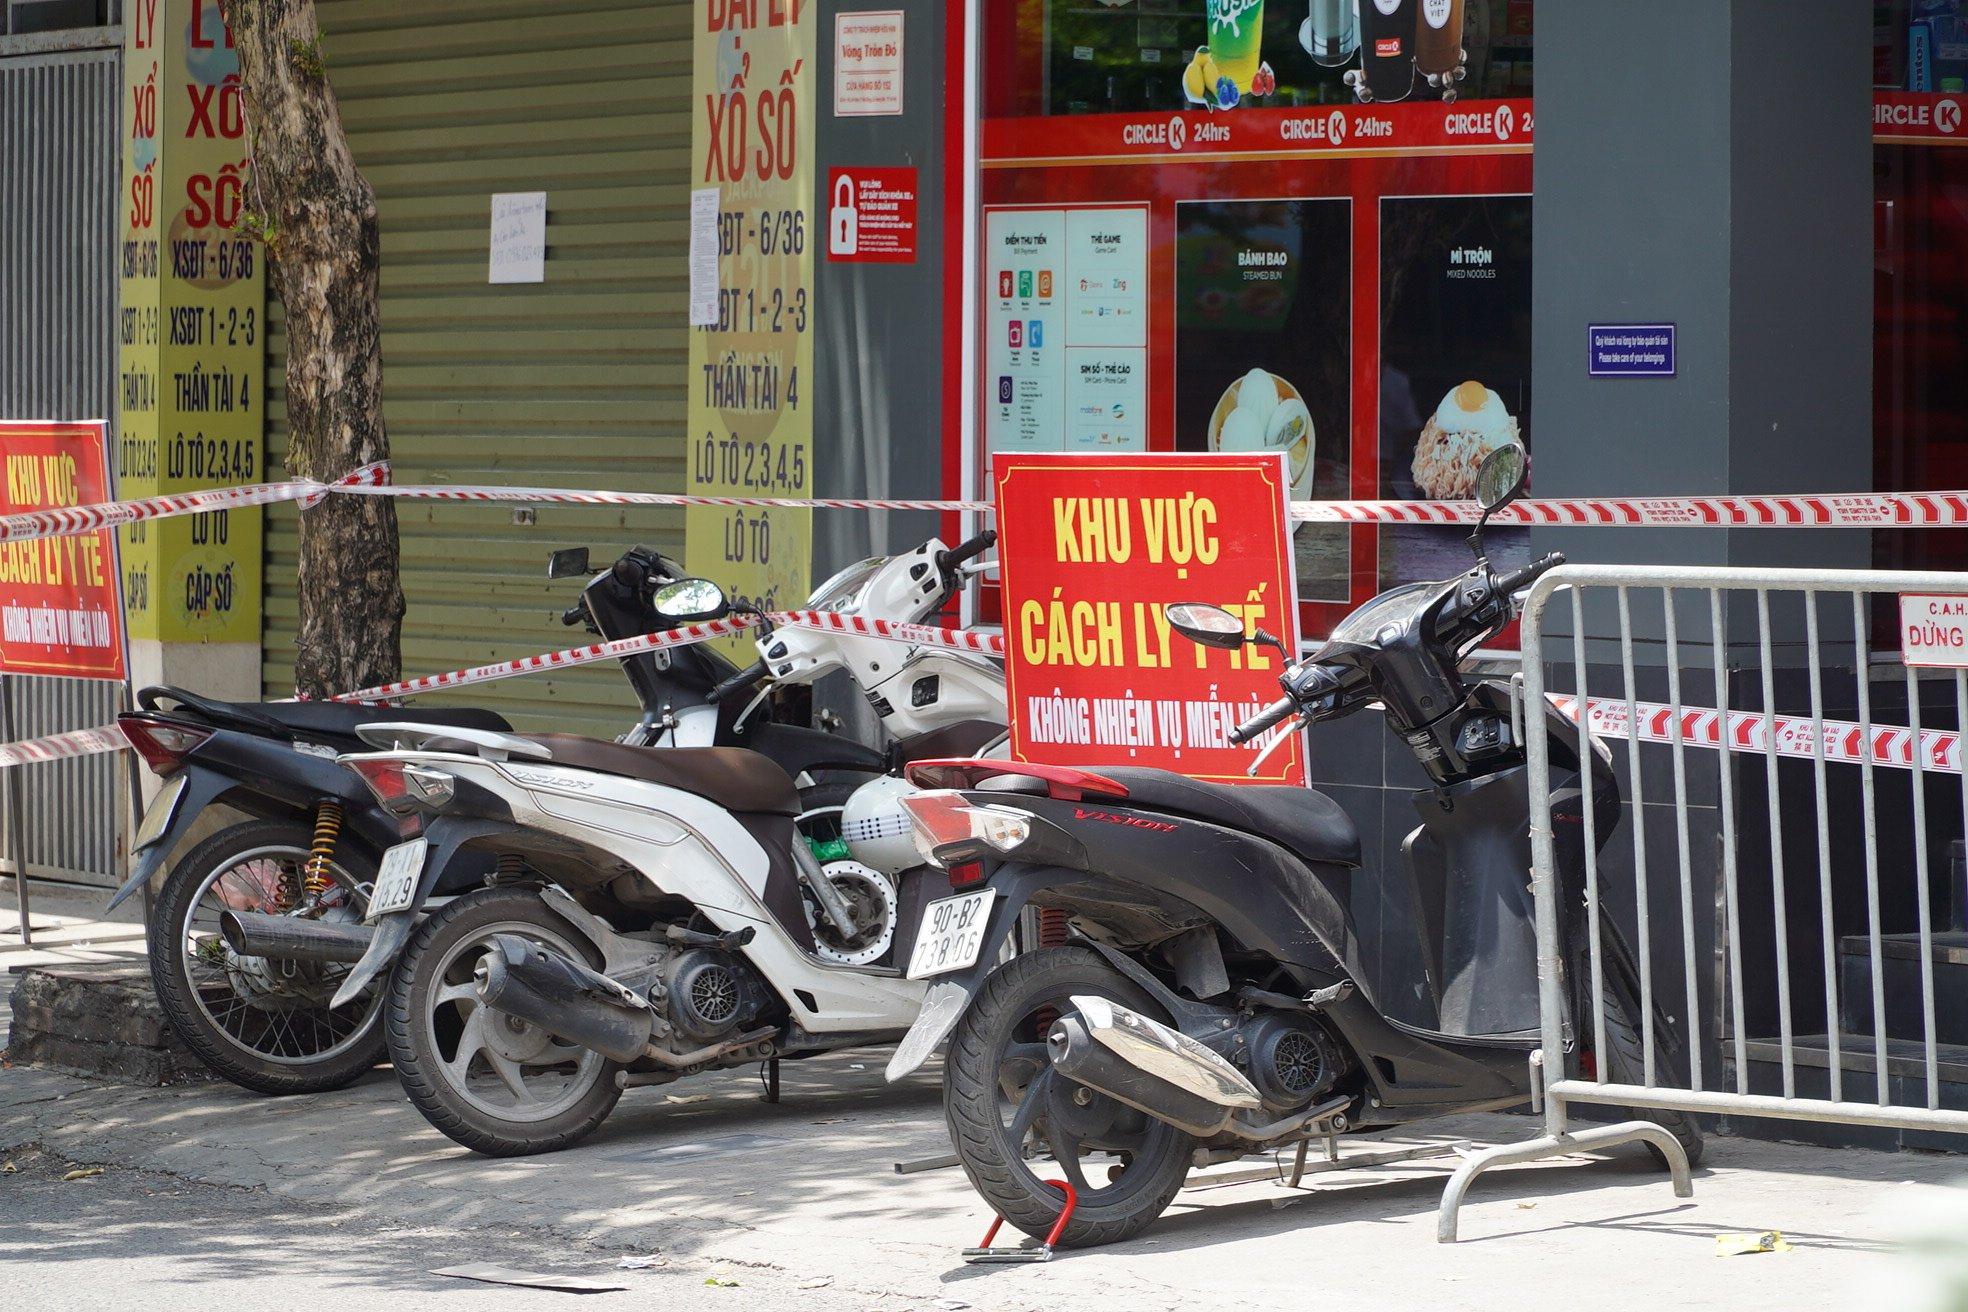 Cửa hàng tiện lợi ở đường Lĩnh Nam, Hoàng Mai, Hà Nội bị cách ly y tế, ngày 17/7. Ảnh: Văn Phong.